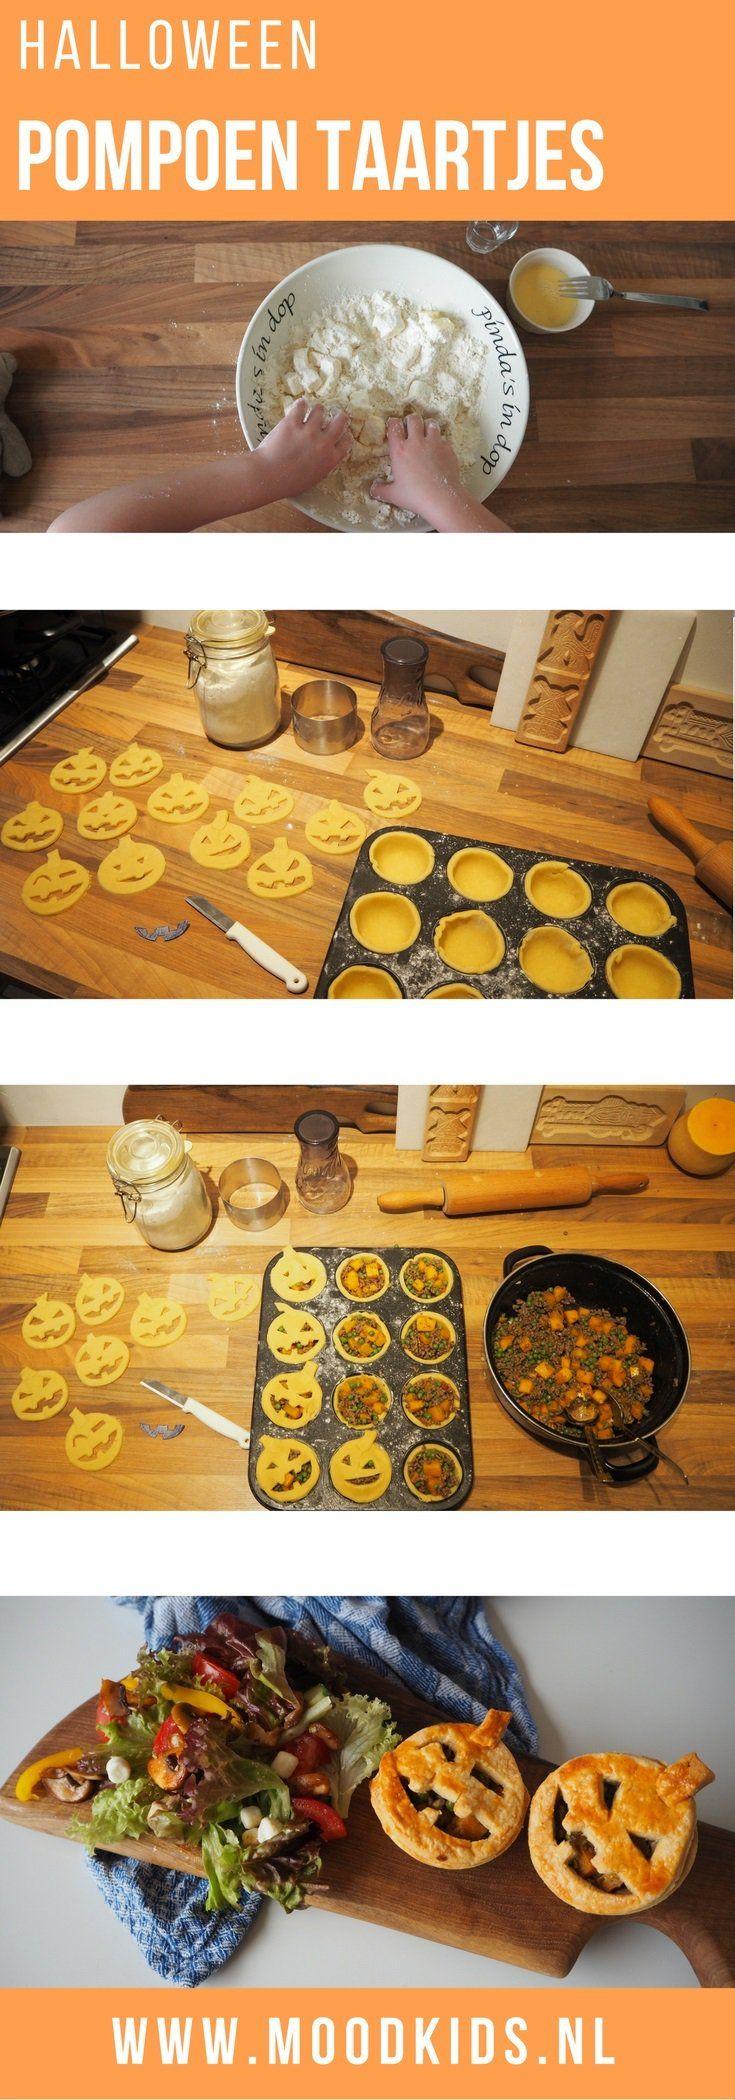 25 beste idee n over snacks voor kinderen op pinterest gezonde snacks kinderen school snacks - Decoratie voor halloween is jezelf ...